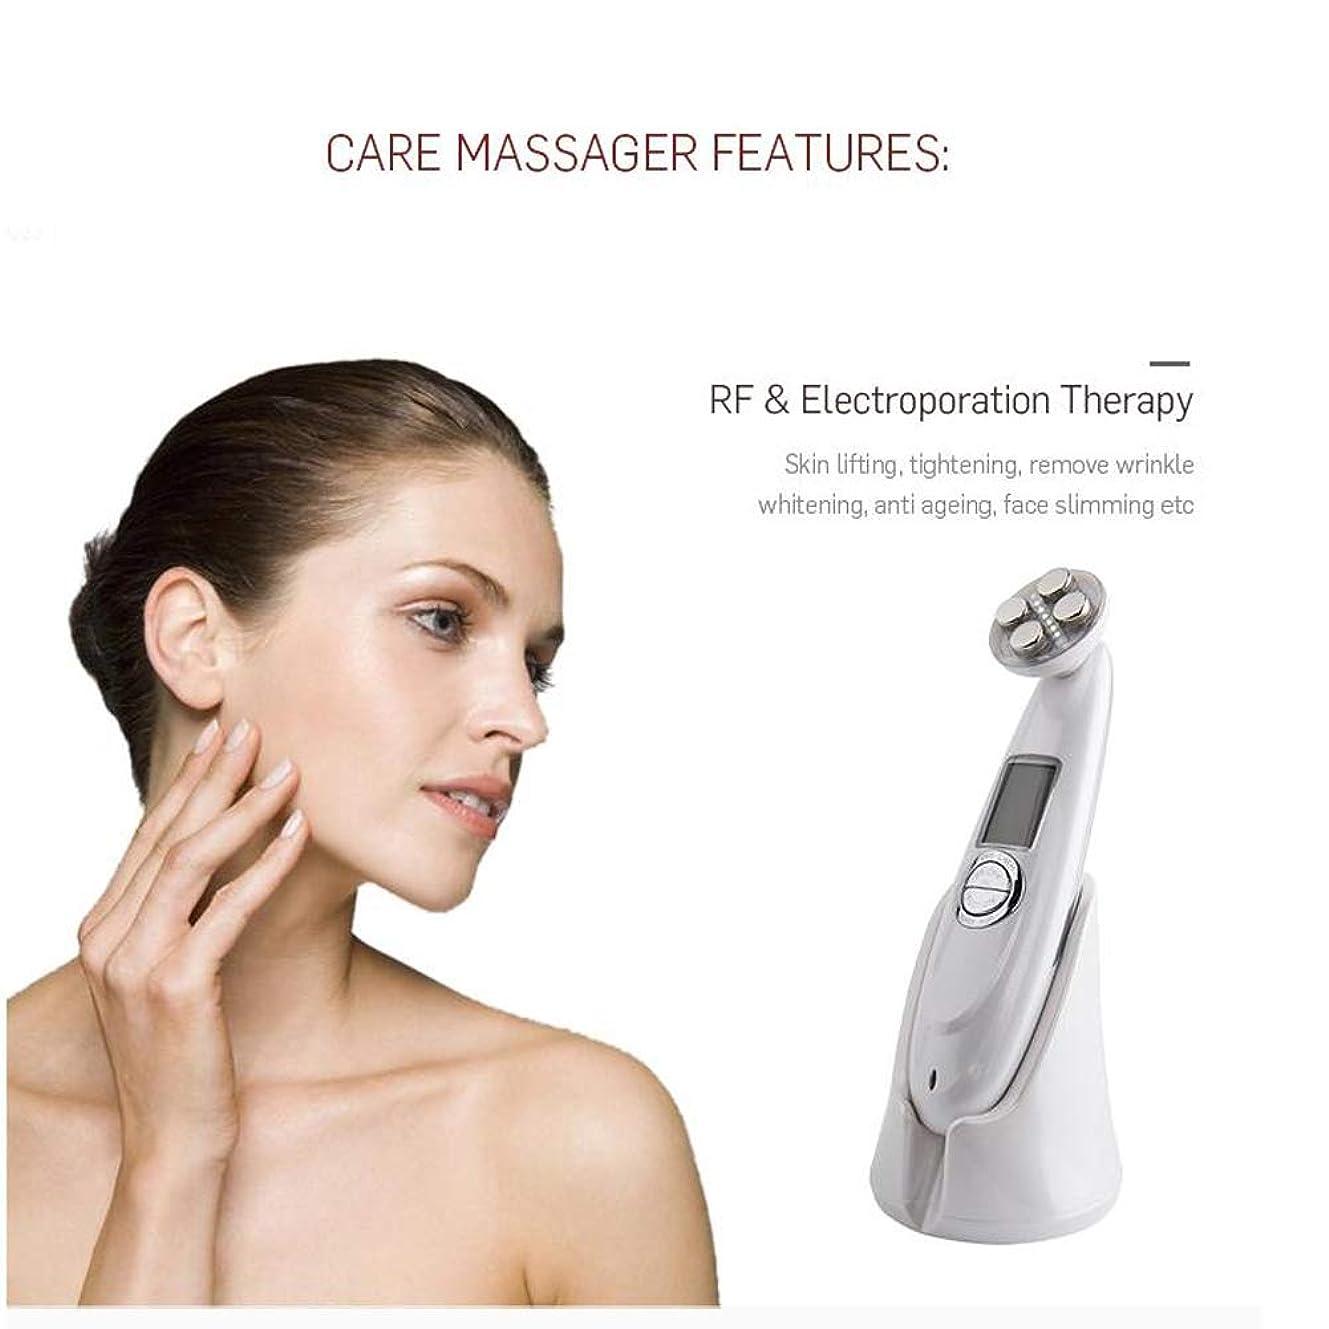 パースしわ花婿光子療法機械多機能LCDのモニター、女性のための明るくし、引き締まる皮のための顔のマッサージャーの美装置,White